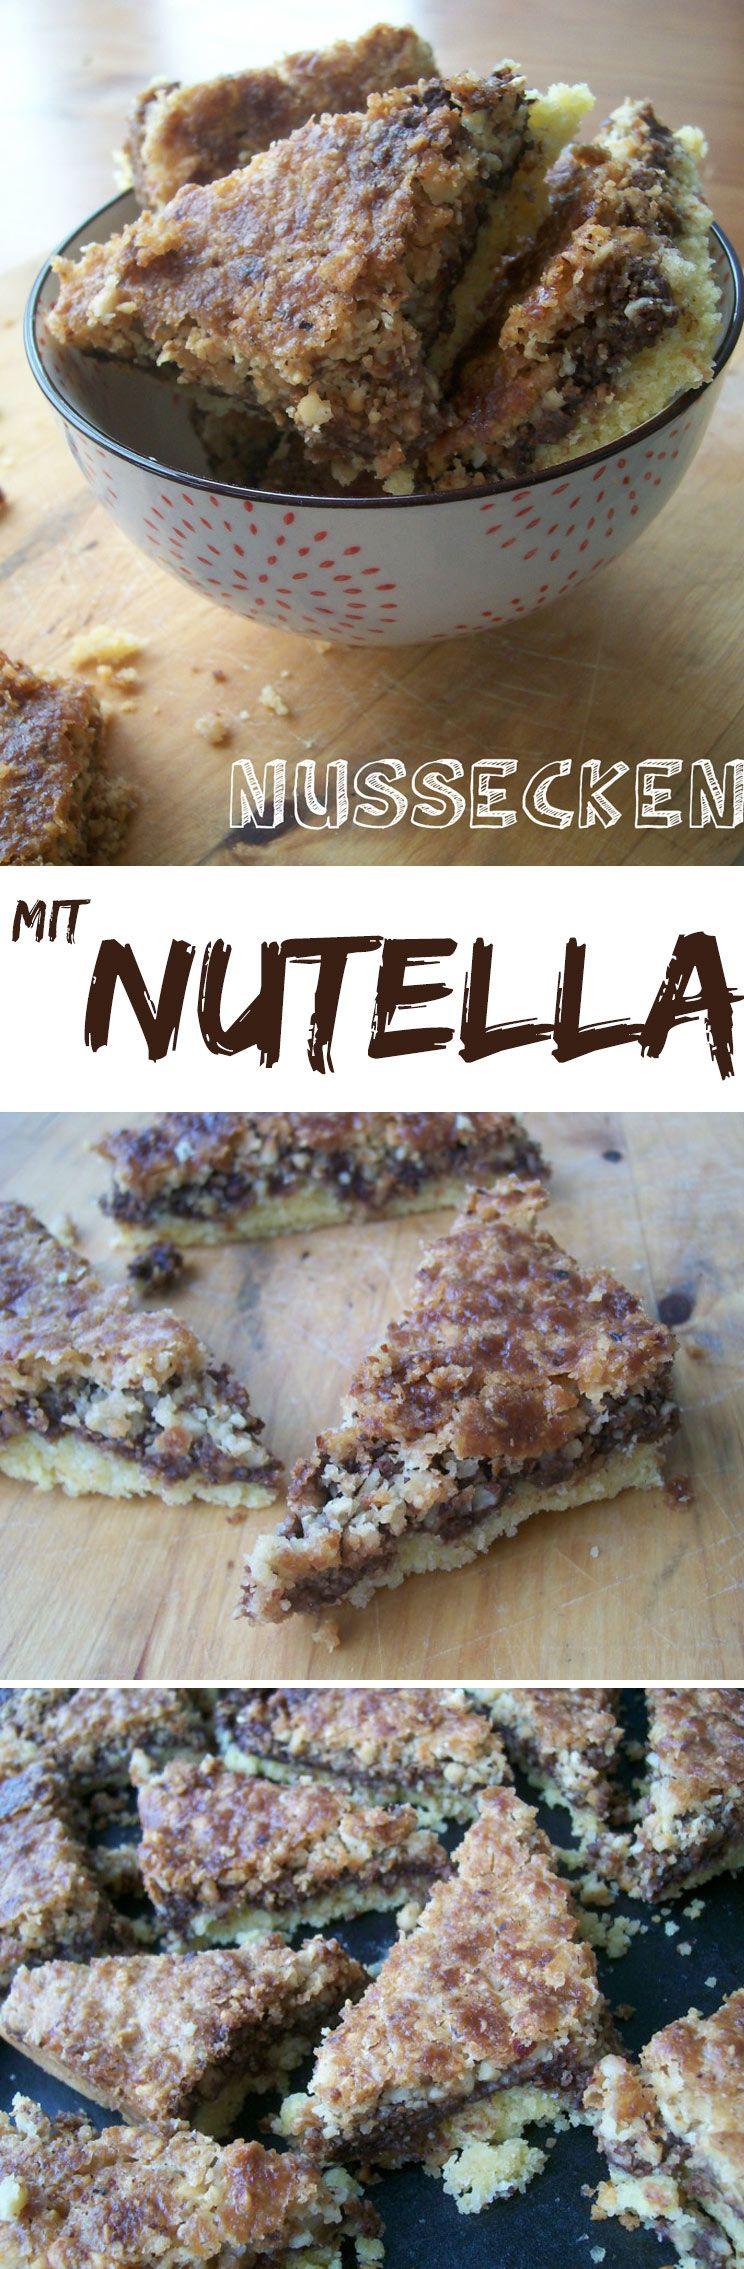 Leckerschmecker - Nussecken selbermachen - Rezept mit Nutella #sandwichrecipes